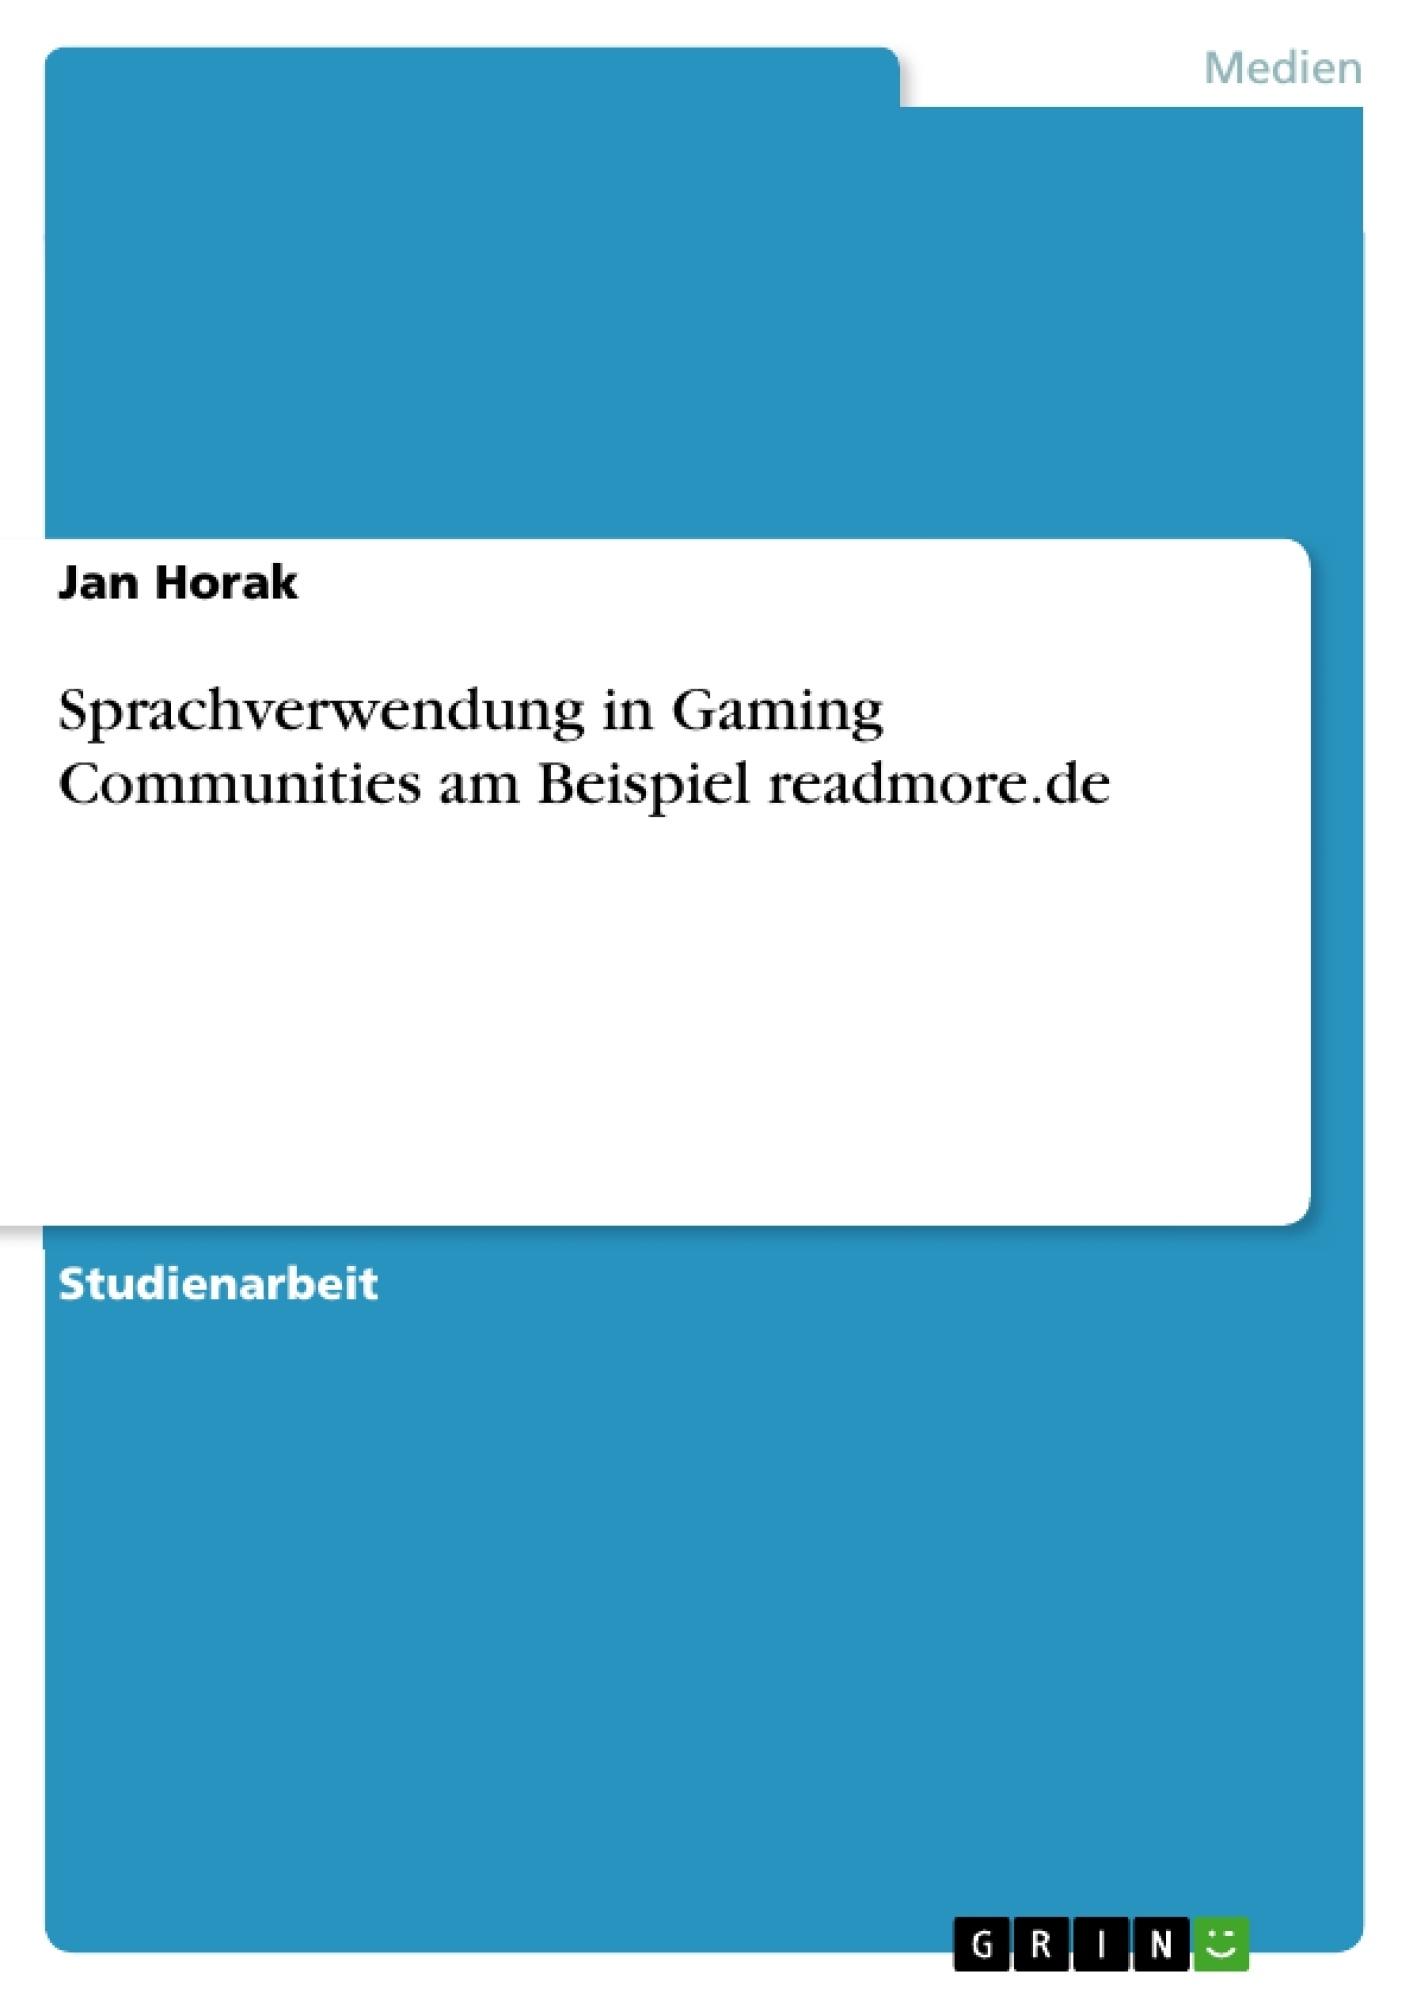 Titel: Sprachverwendung in Gaming Communities am Beispiel readmore.de